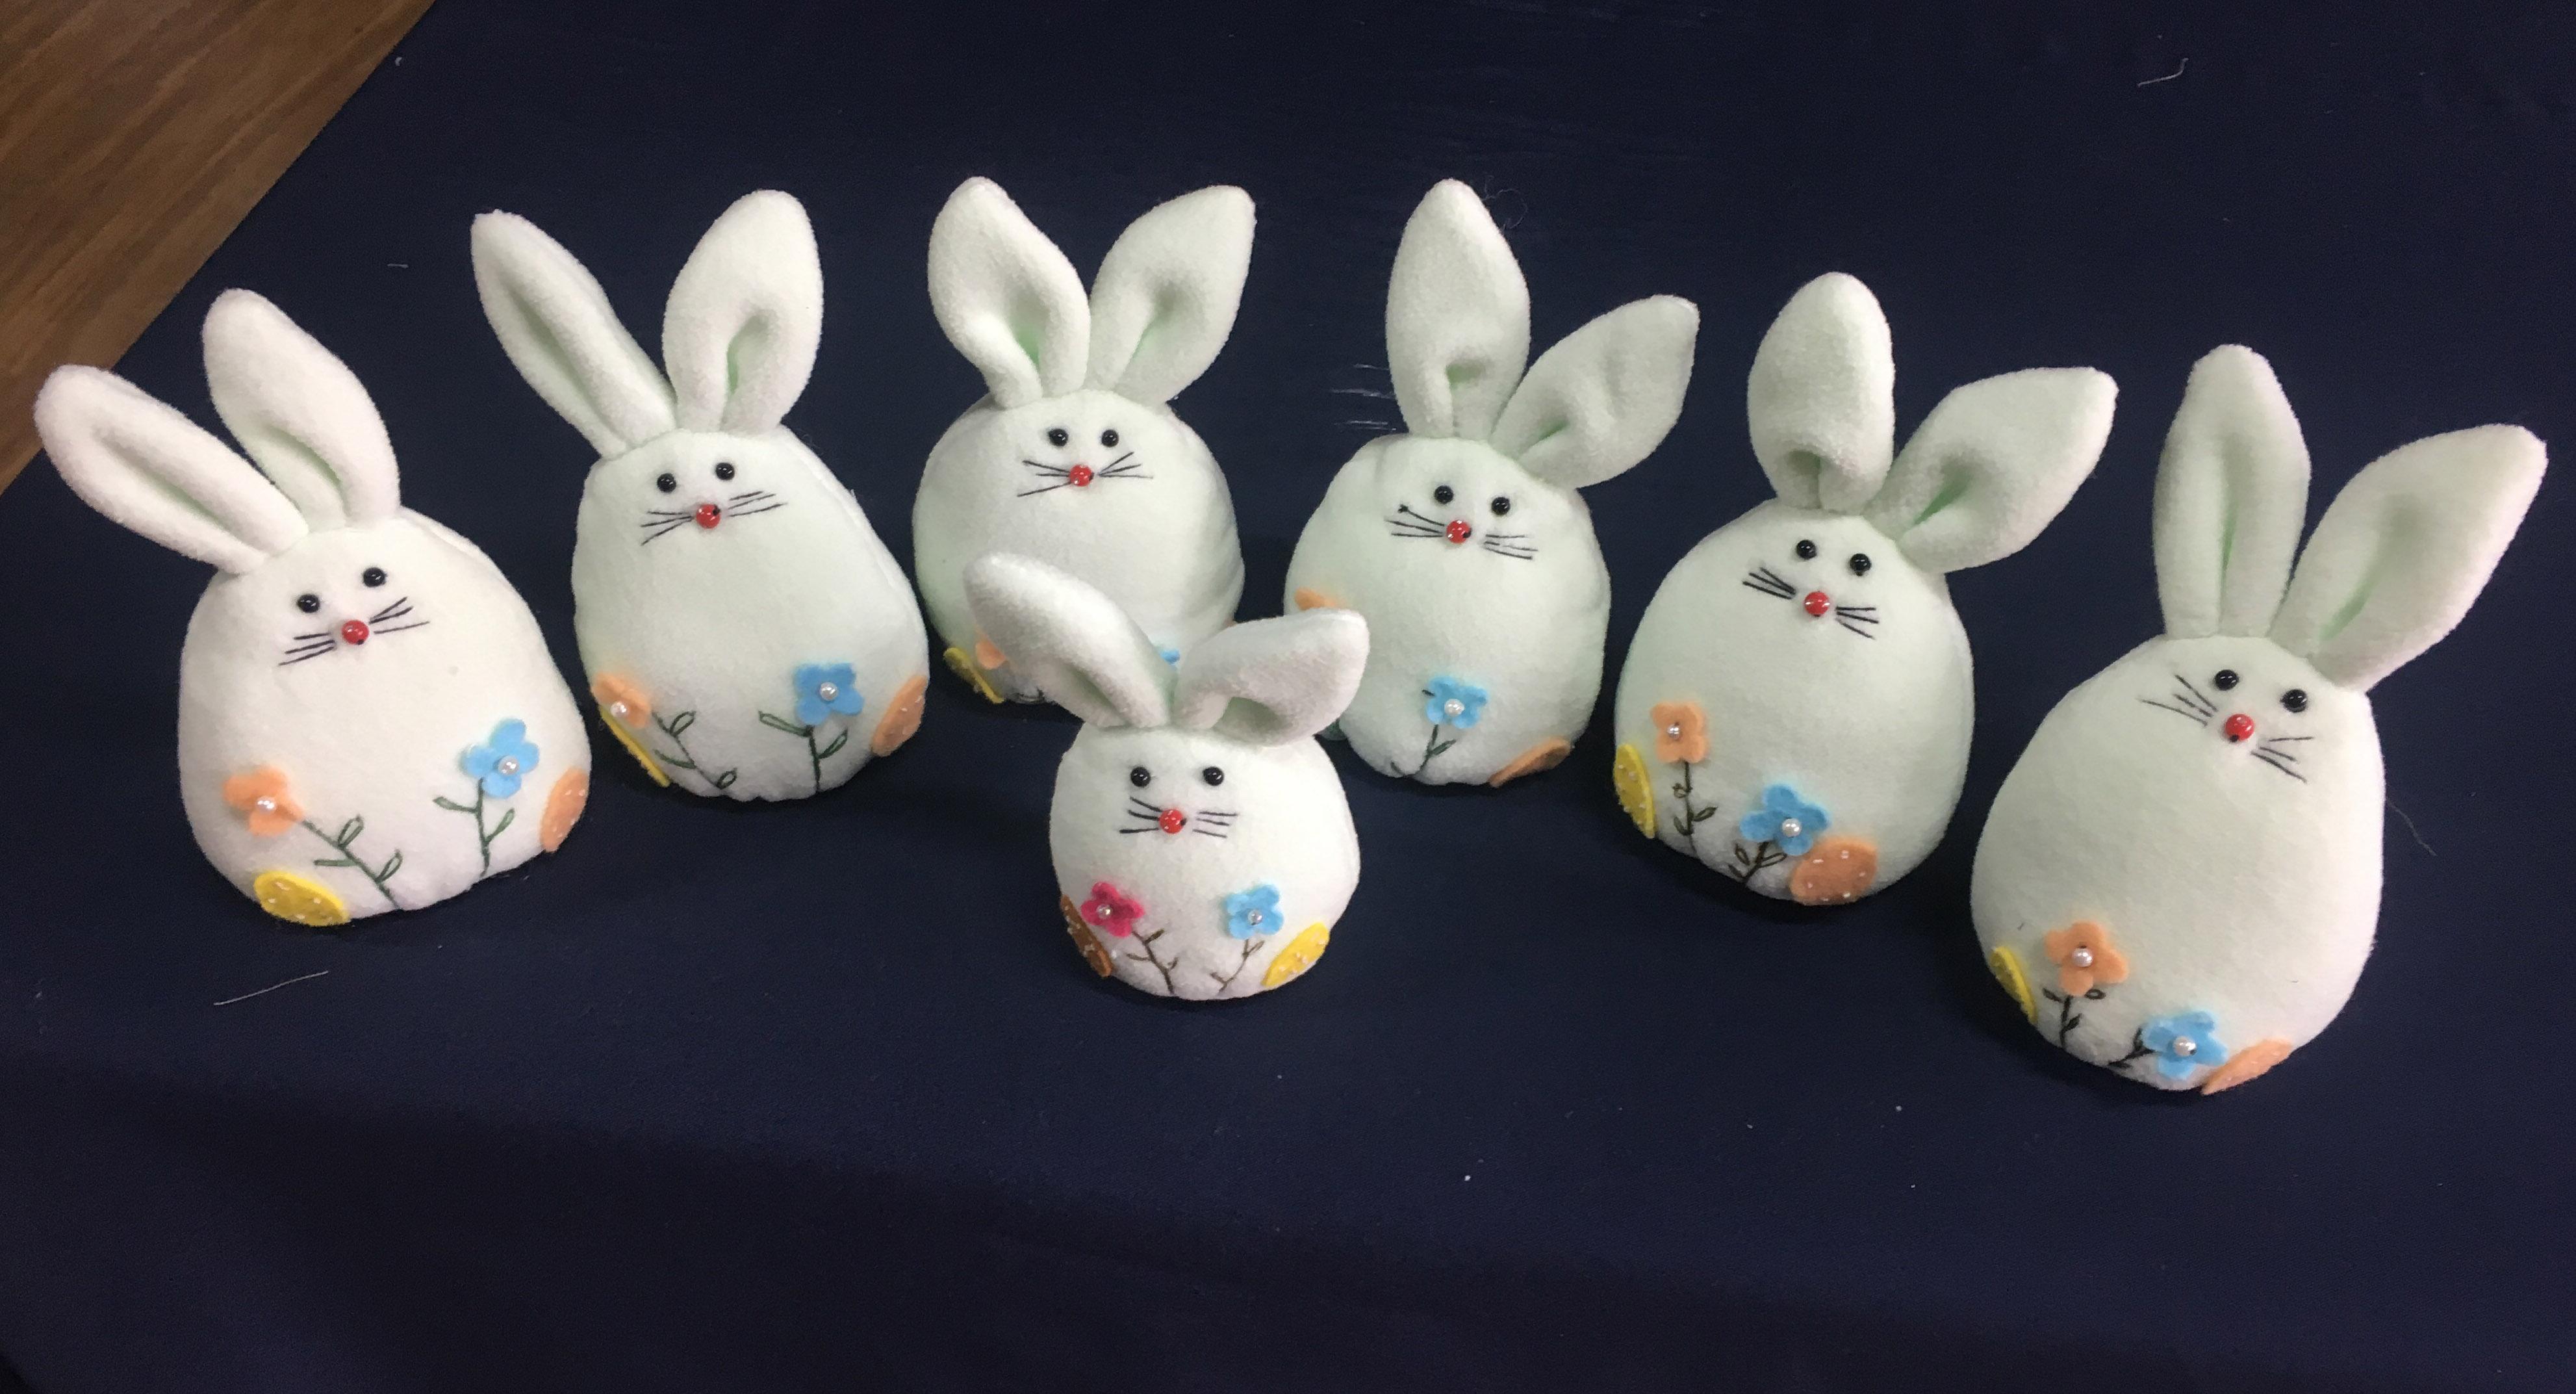 這一隻隻超Q的「善兔」,製作精美又可愛,「善兔」-「善」,代表它的生產地是「善化」,更寓意「行善」,滿滿的祝福,期待人人將善念化作善行,惜福更造福。